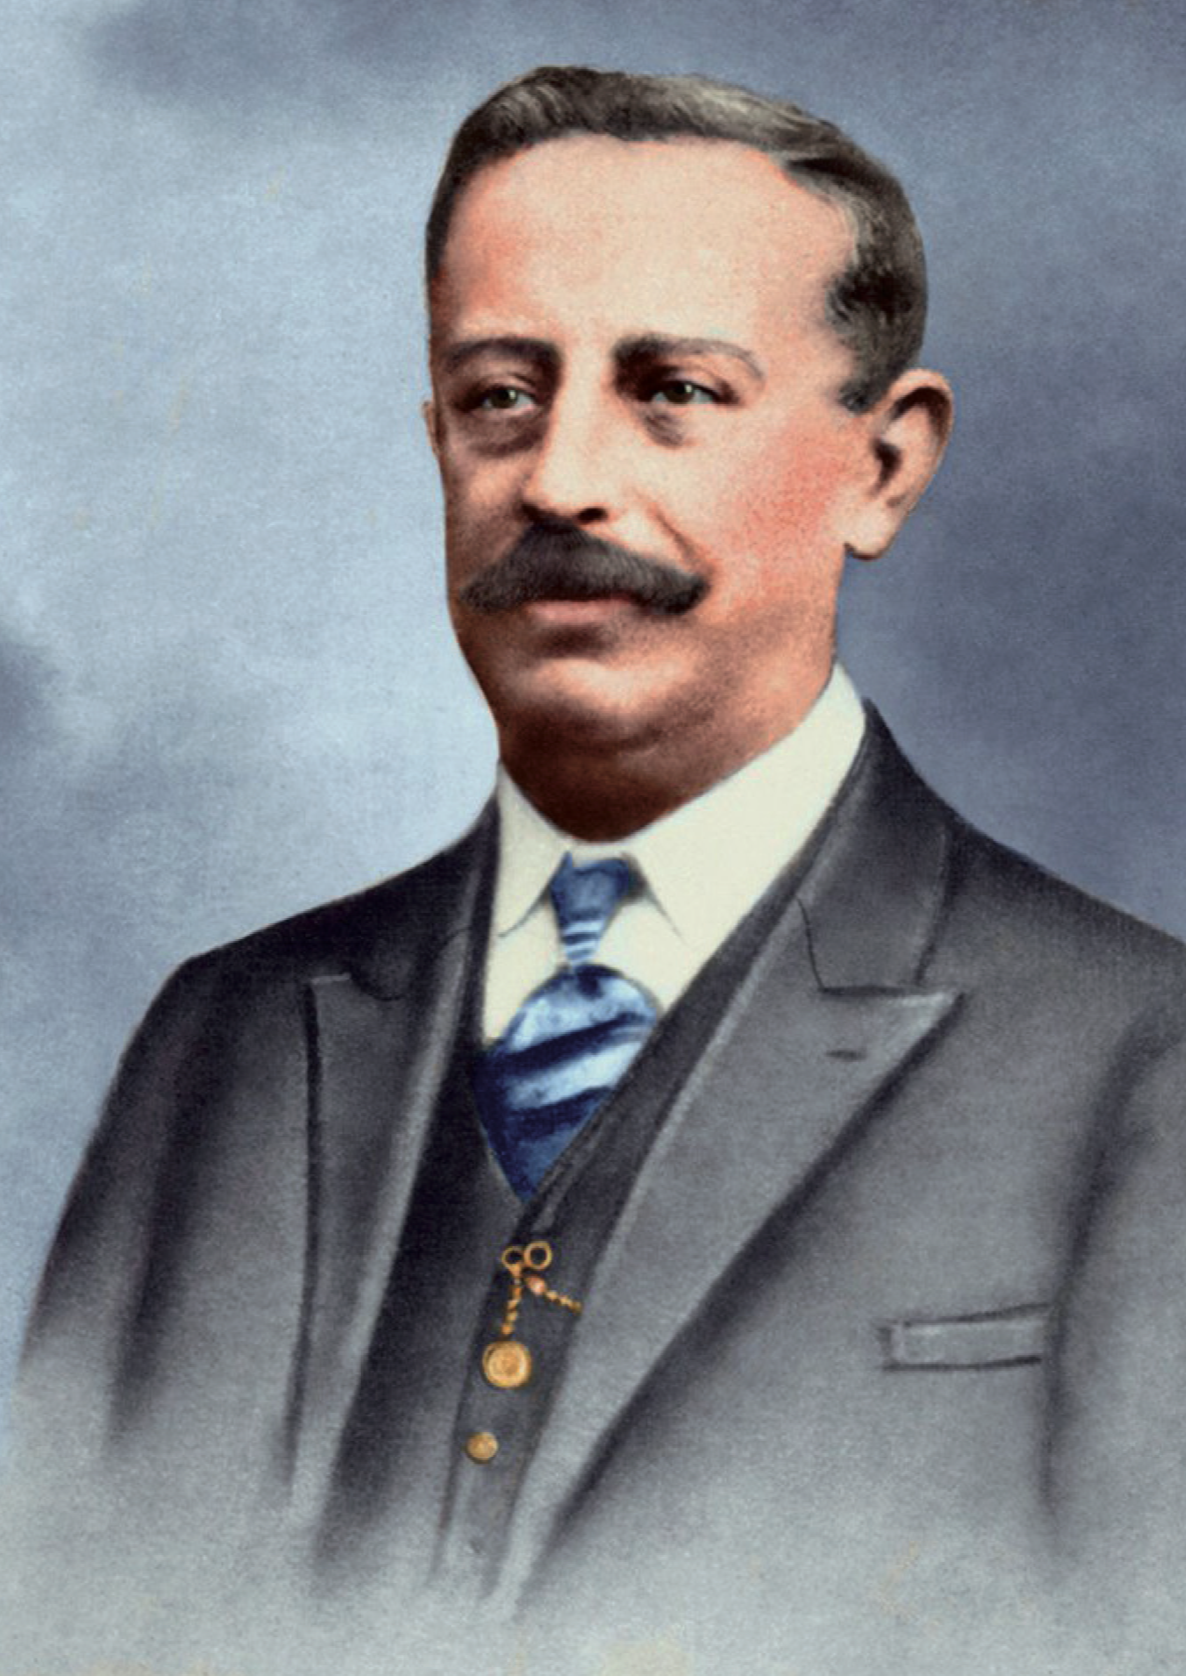 JOSÉ RAMÍREZ I 1858 - 1923